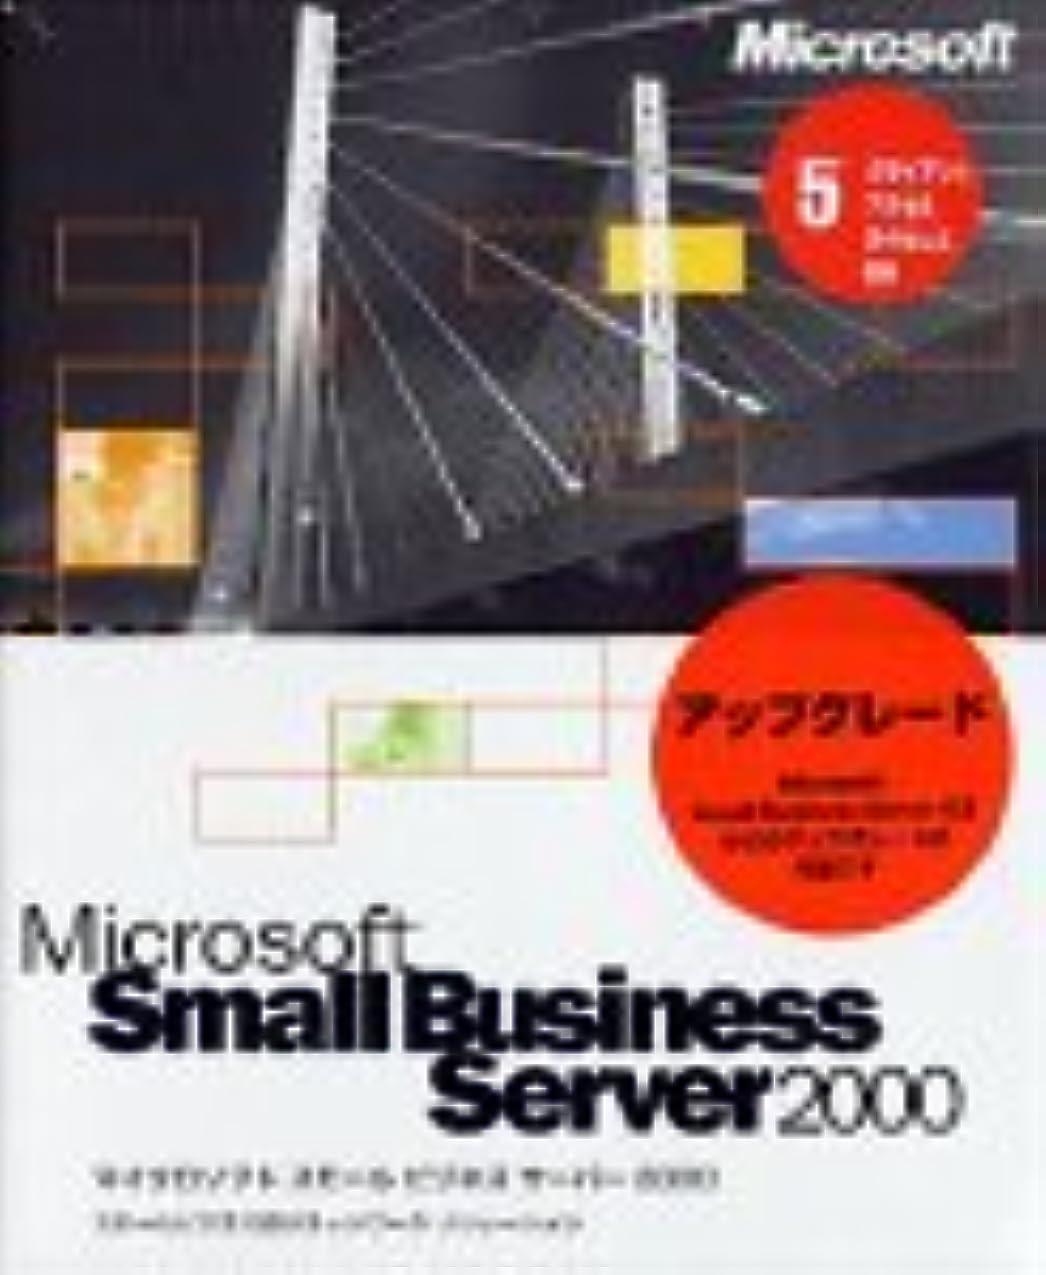 確率効能ある囲まれたMicrosoft Small Business Server 2000 バージョンアップグレード 5クライアントアクセスライセンス付き